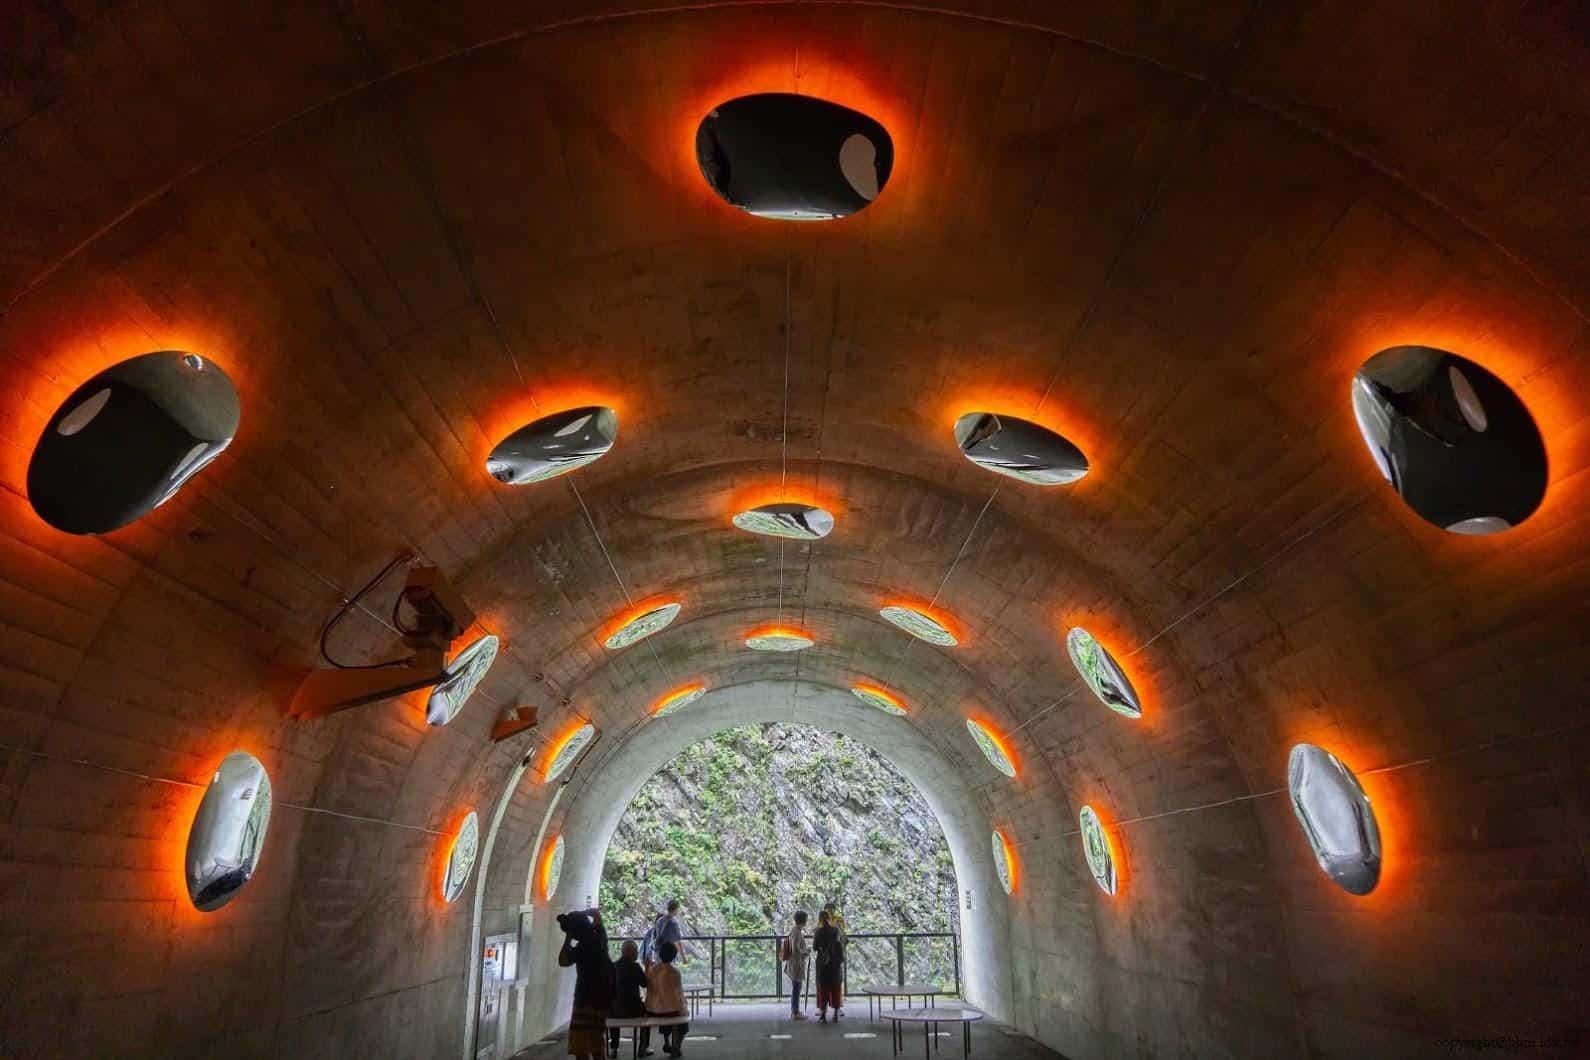 馬岩松,光洞,滴—火(第三觀景台),牆壁上加裝多面水滴形狀的鏡子,每面鏡子都可看到自己也看到別人,彷彿穿梭在現實與虛擬間找尋自我 越後妻有 光洞 periscopelight cave 17 0x0